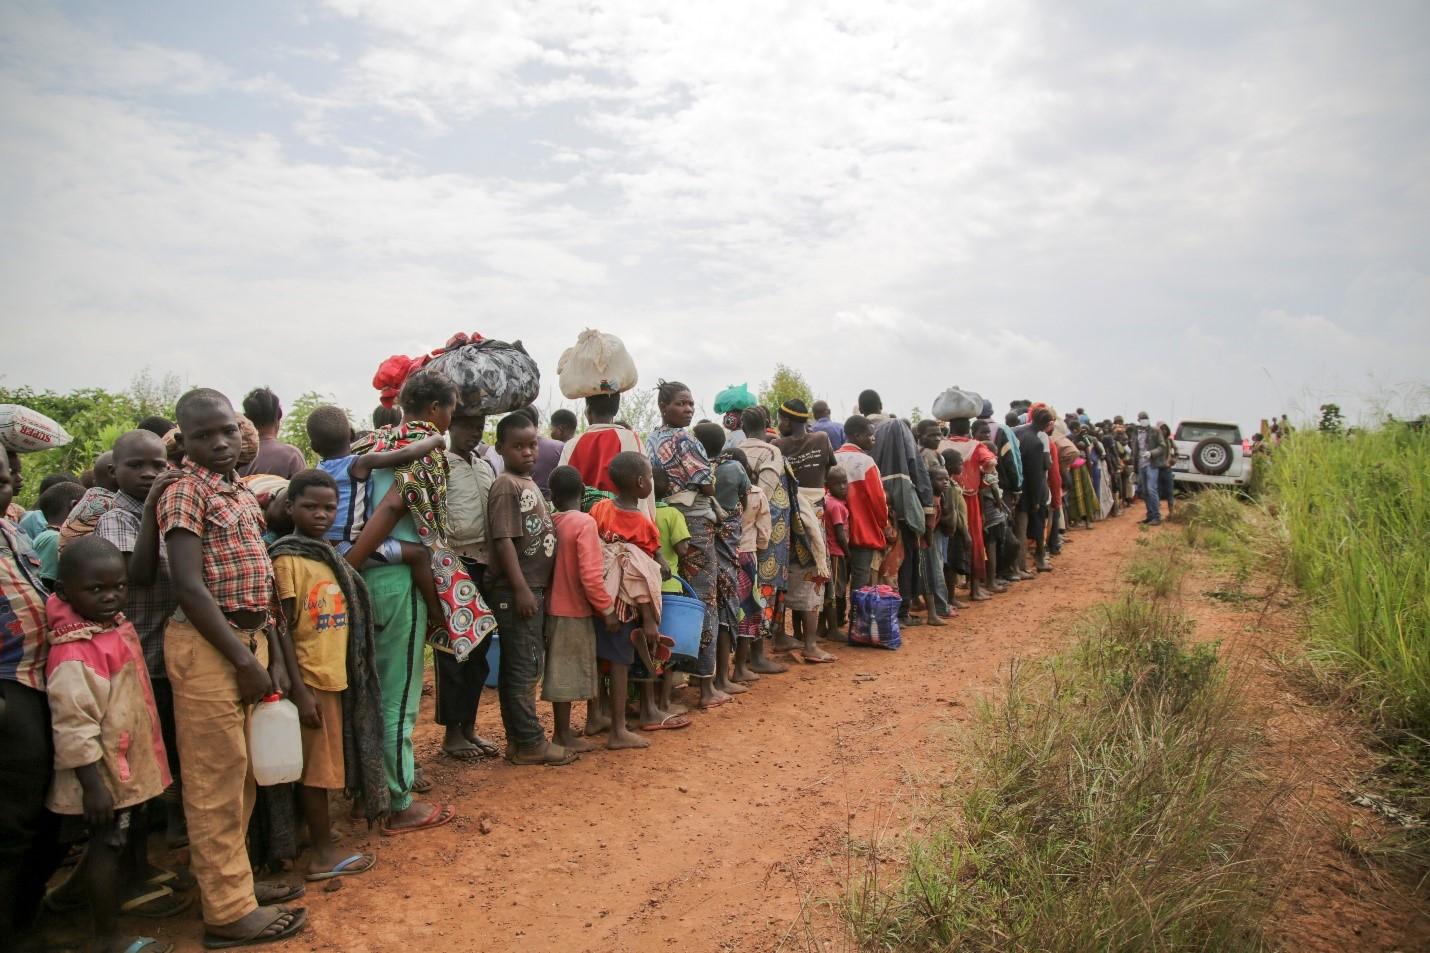 De acordo com o relatório Tendências Globais do ACNUR, 82,4 milhões de pessoas encontravam-se em situação de deslocamento forçado em todo o mundo em 2020. Foto: UNHCR/ACNUR